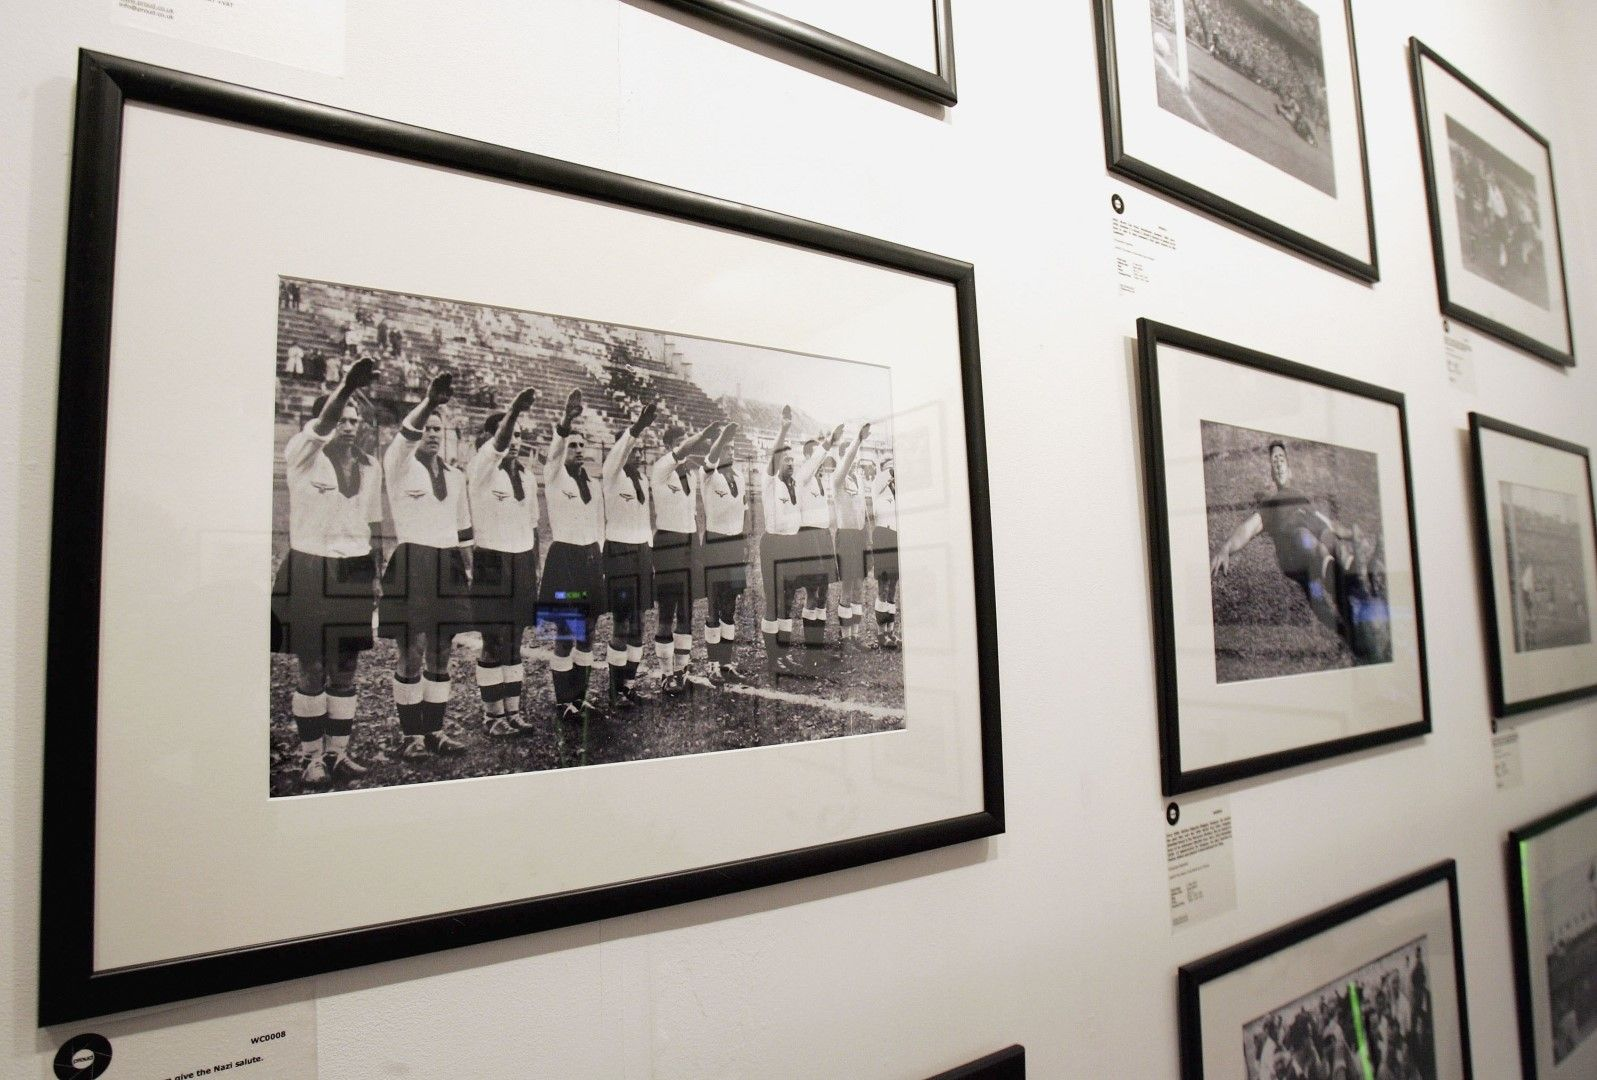 Снимката с нацисткия поздрав е в музея на футбола в Лондон - не най-славната страница на родината на играта, но такава, която не бива да се забравя